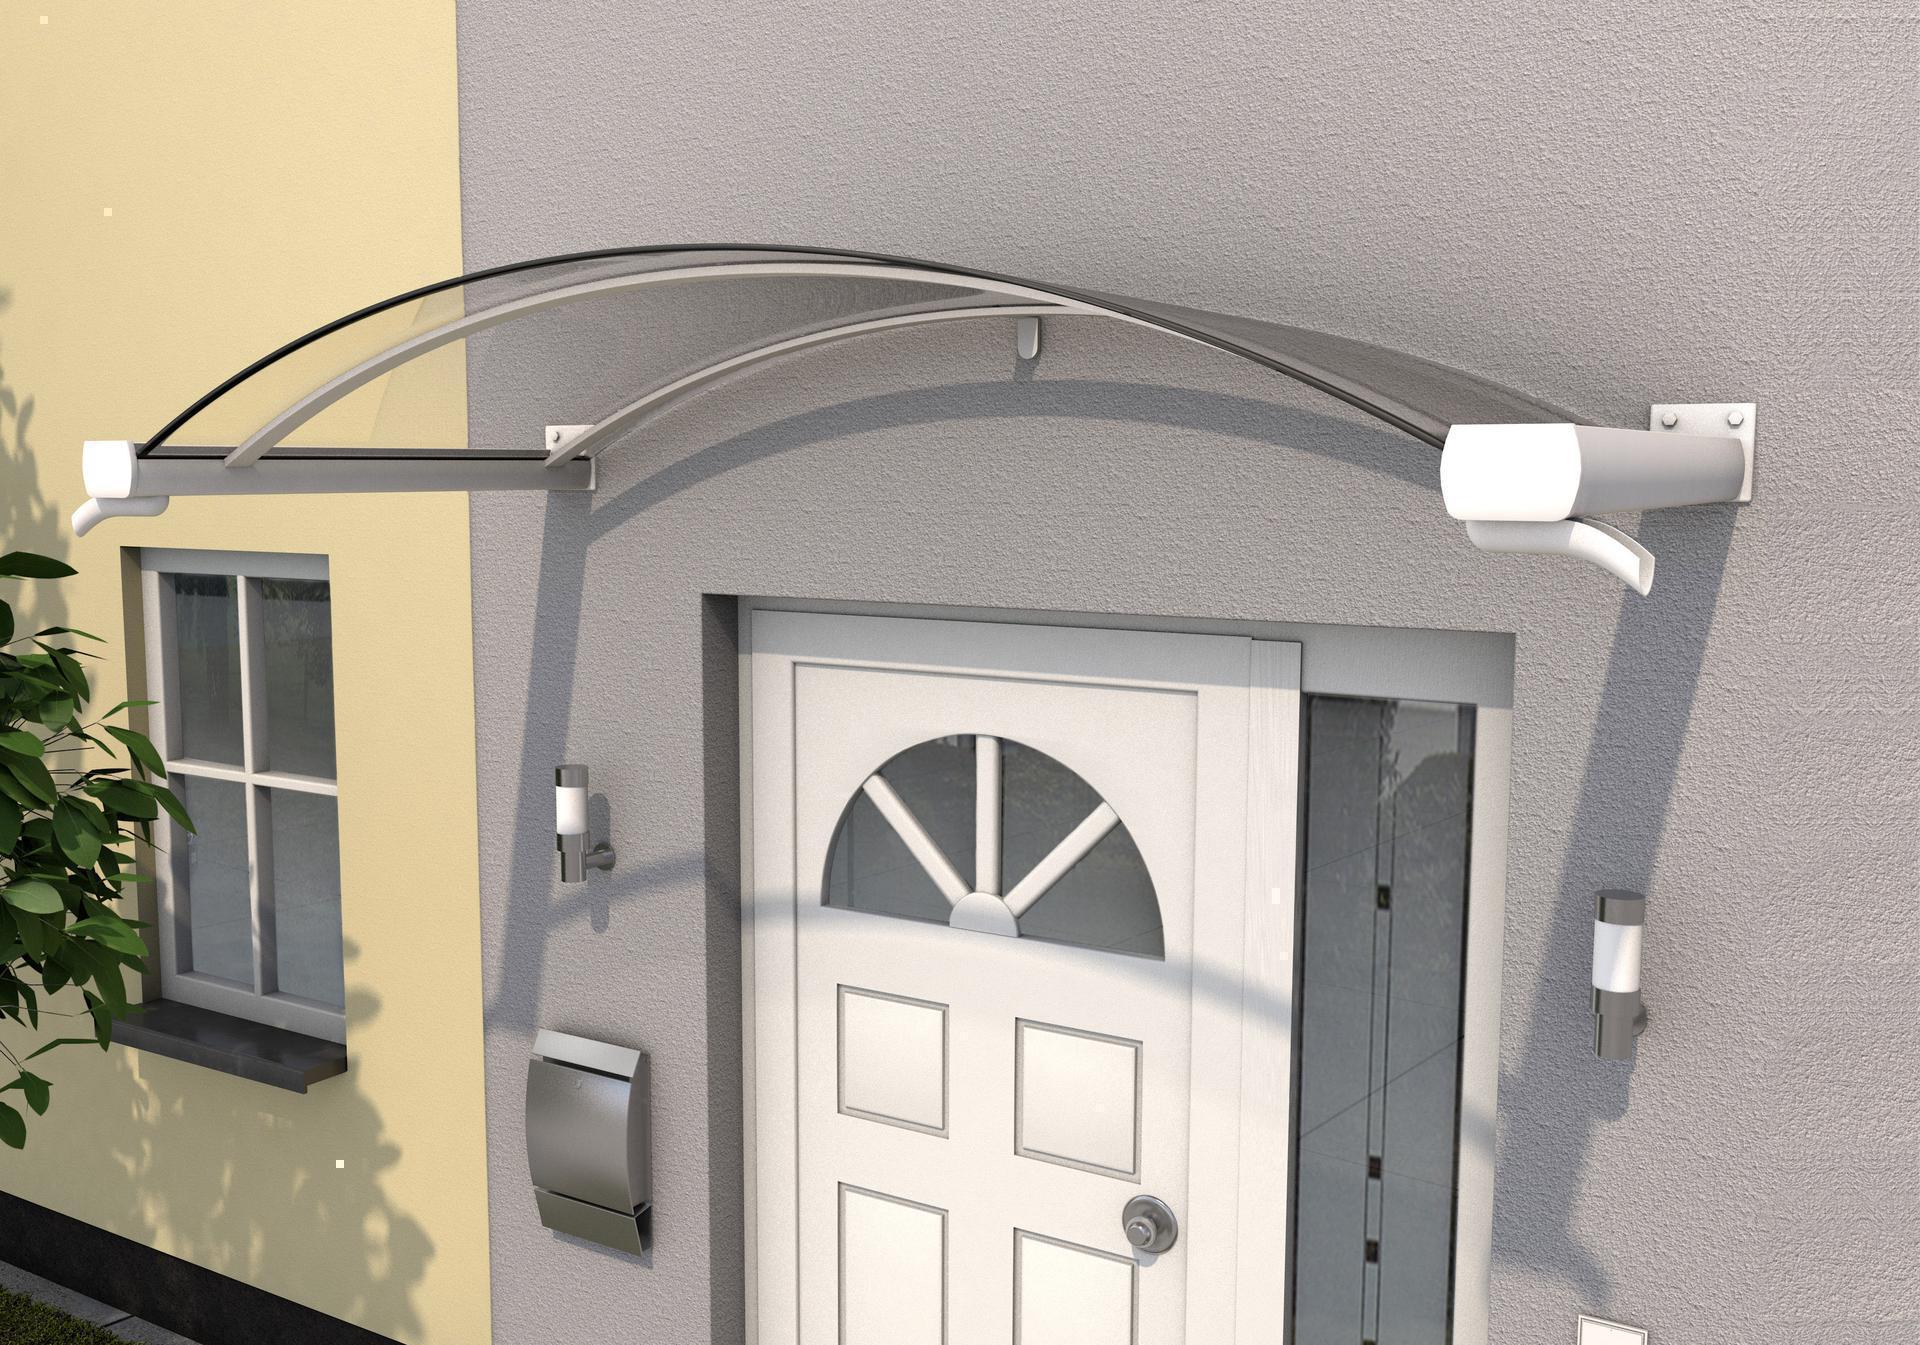 Überdachung Vordach Haustür Pultvordach Haus Türvordach Haustürvordach Weiß